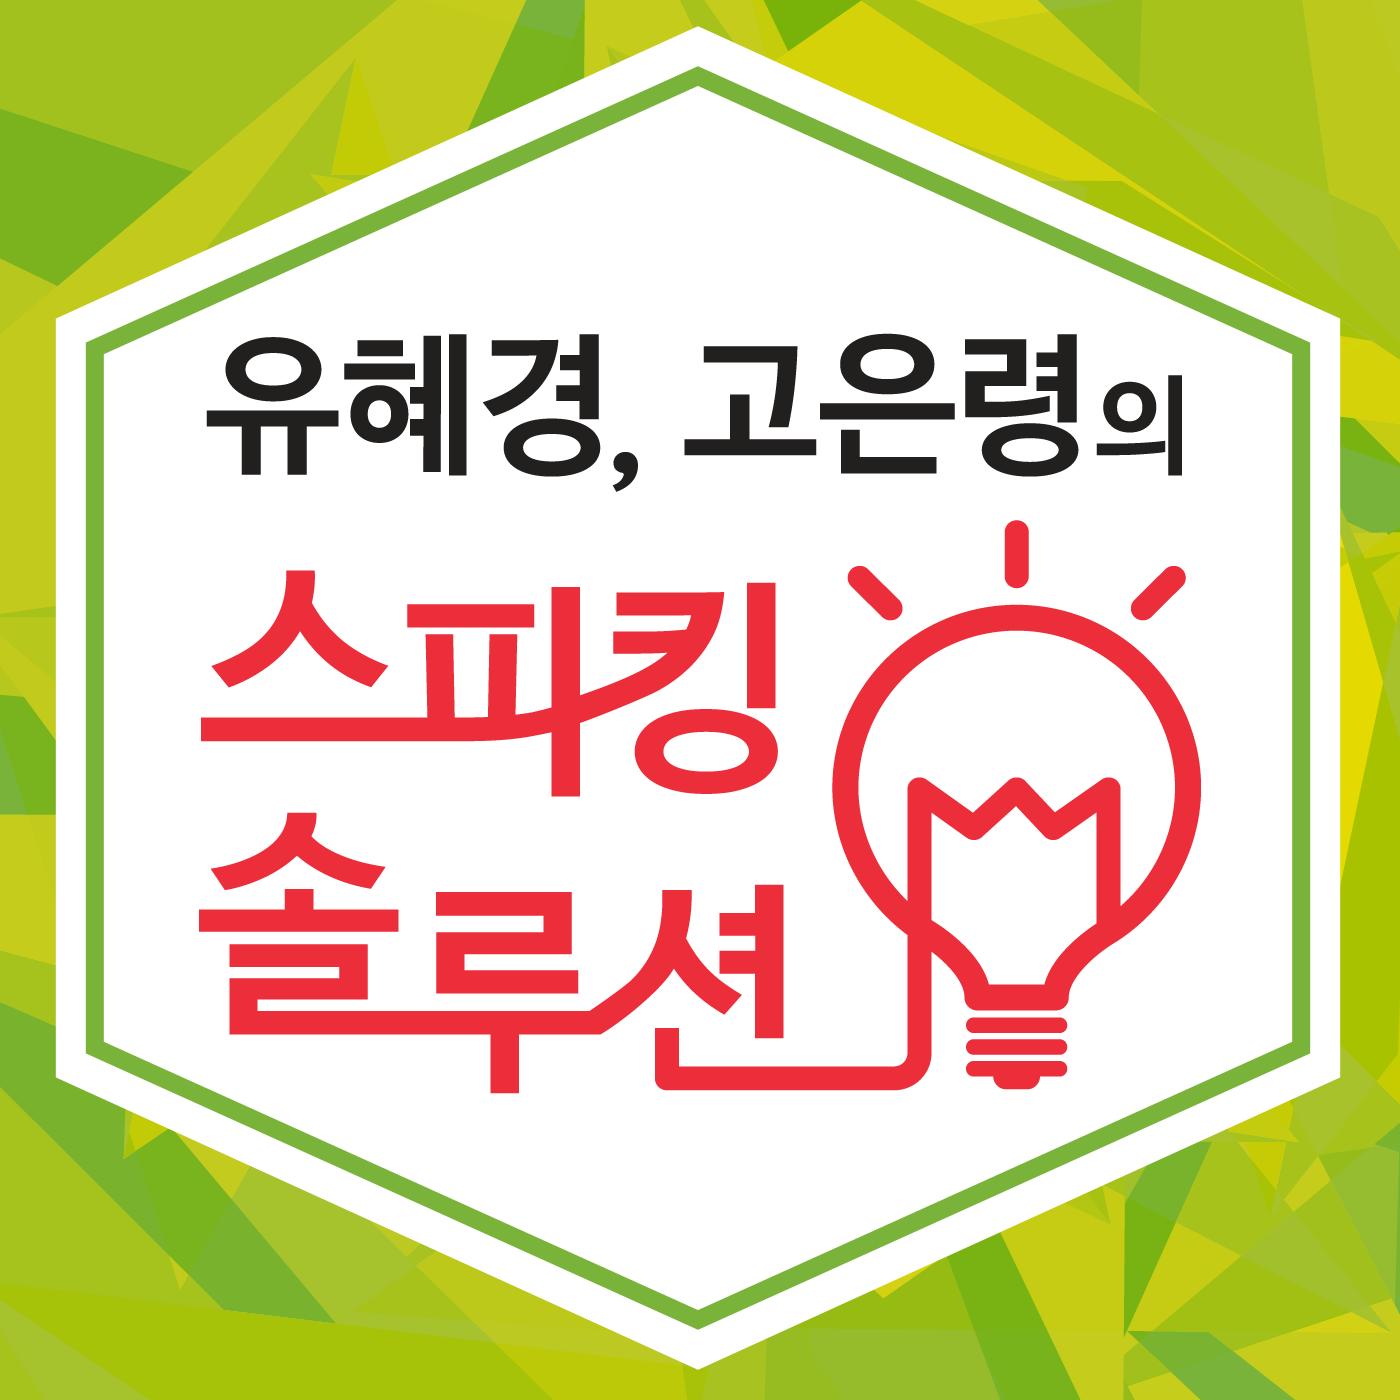 유혜경의 스피킹 솔루션